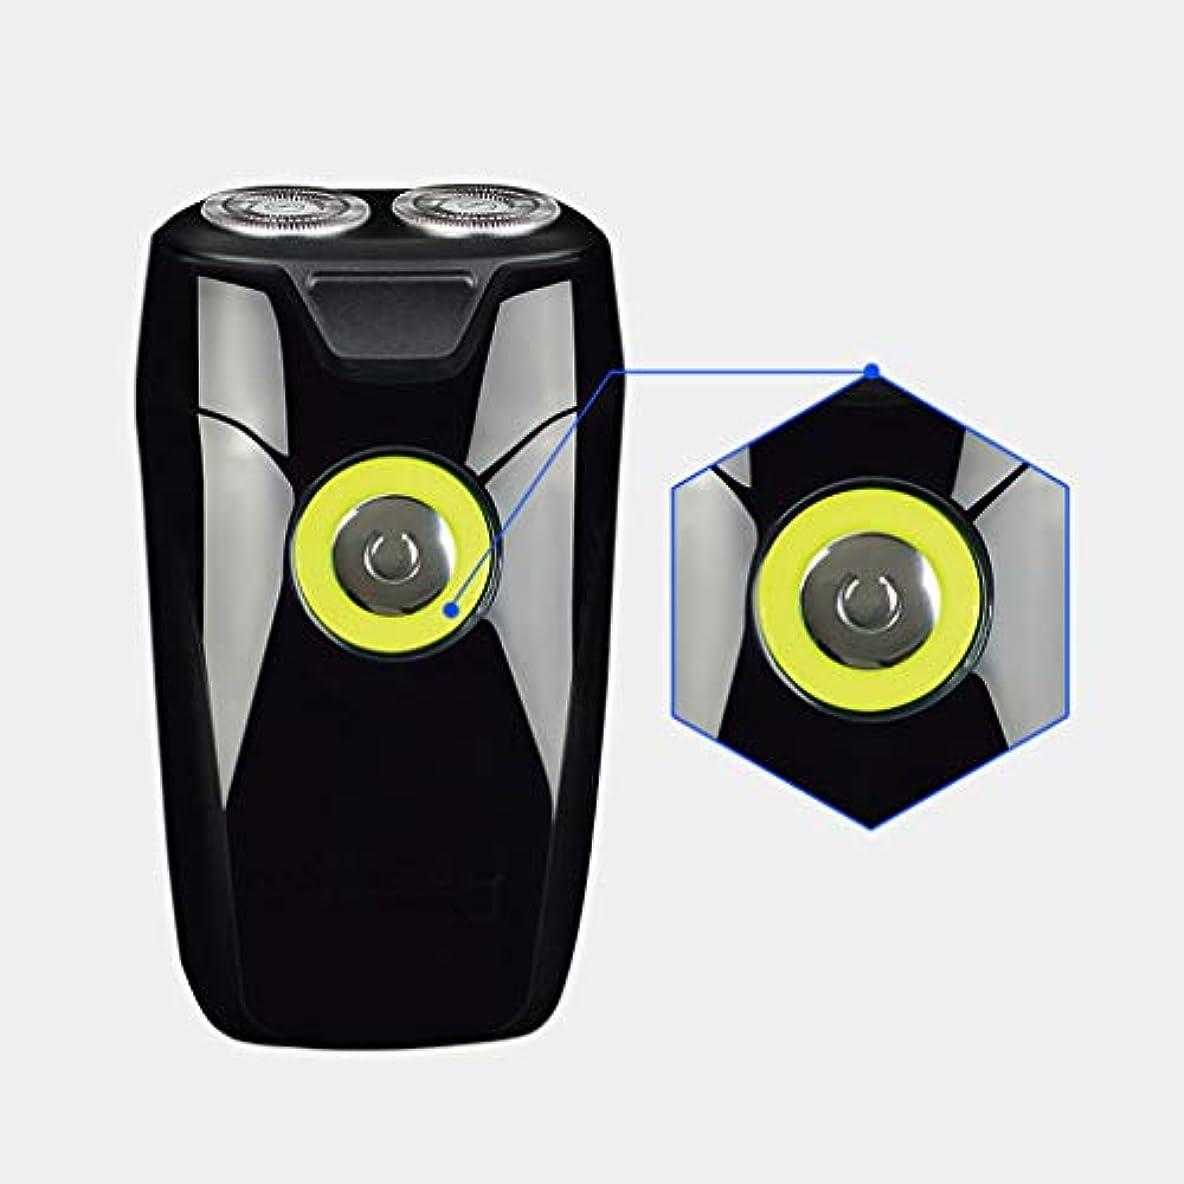 不従順きちんとした再生可能男性用電気かみそり、ダブルカッターヘッドベニアデザイン/スマートピンチひげ、コードレス充電